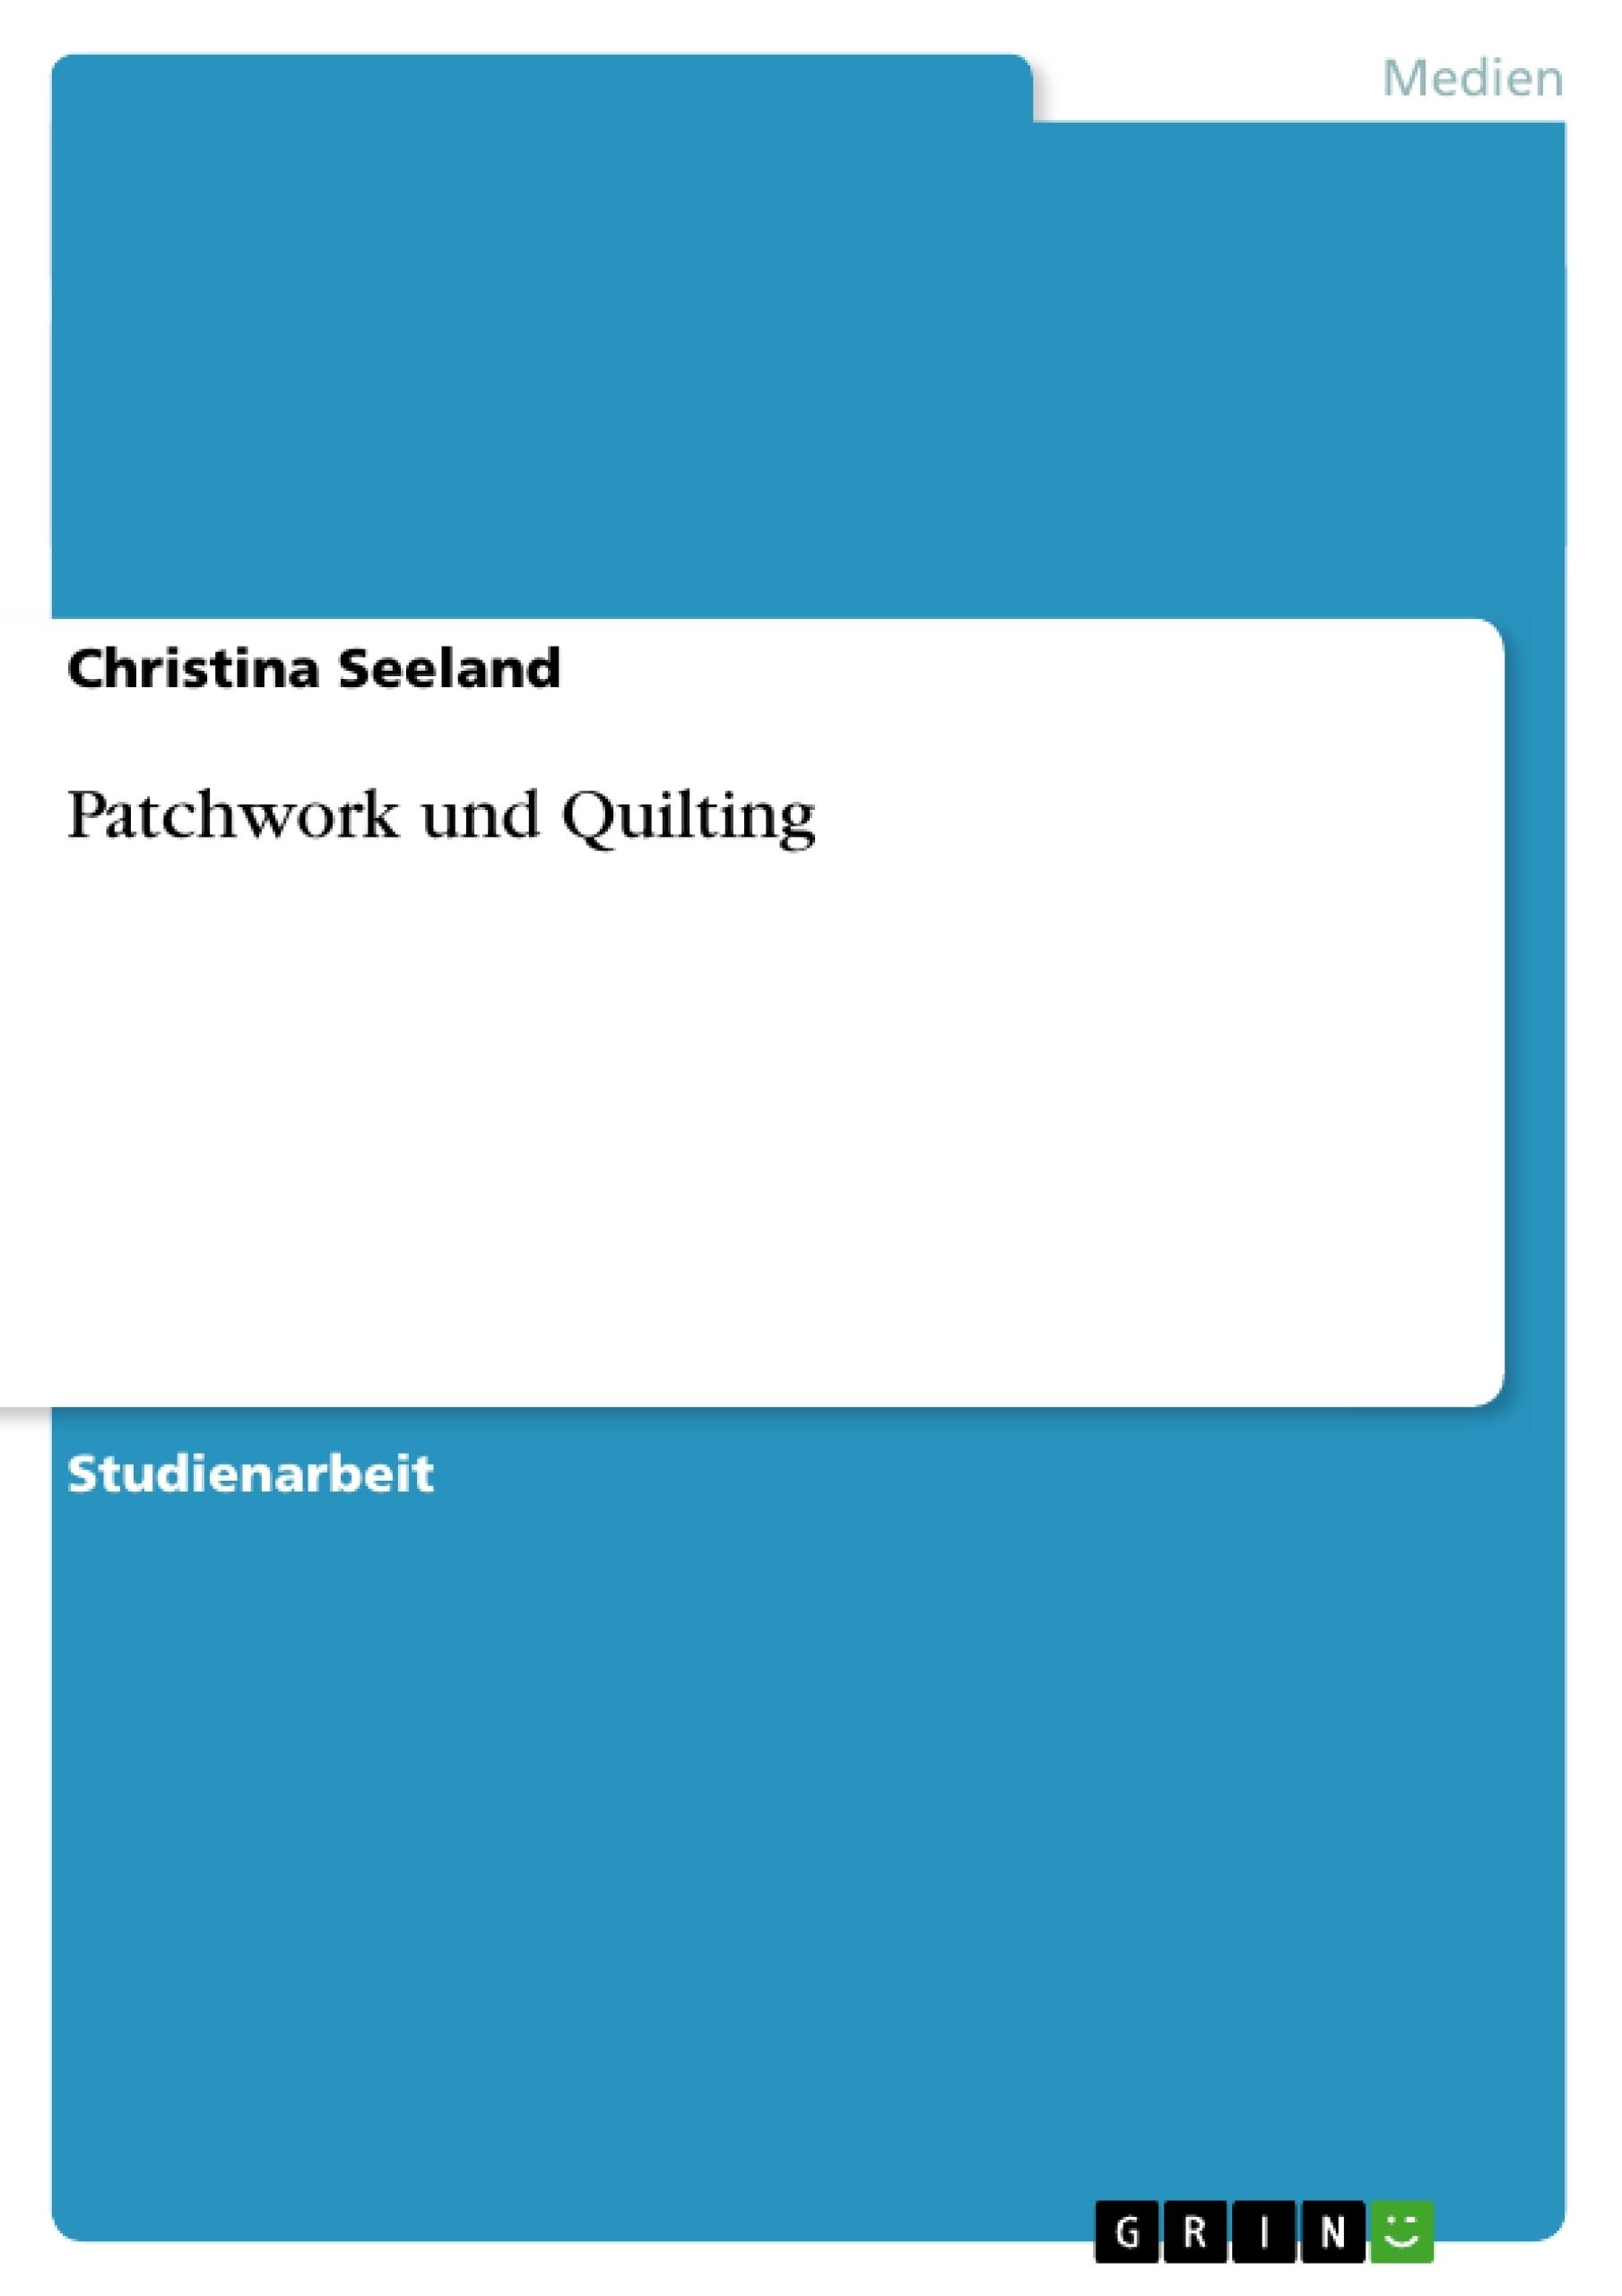 Titel: Patchwork und Quilting